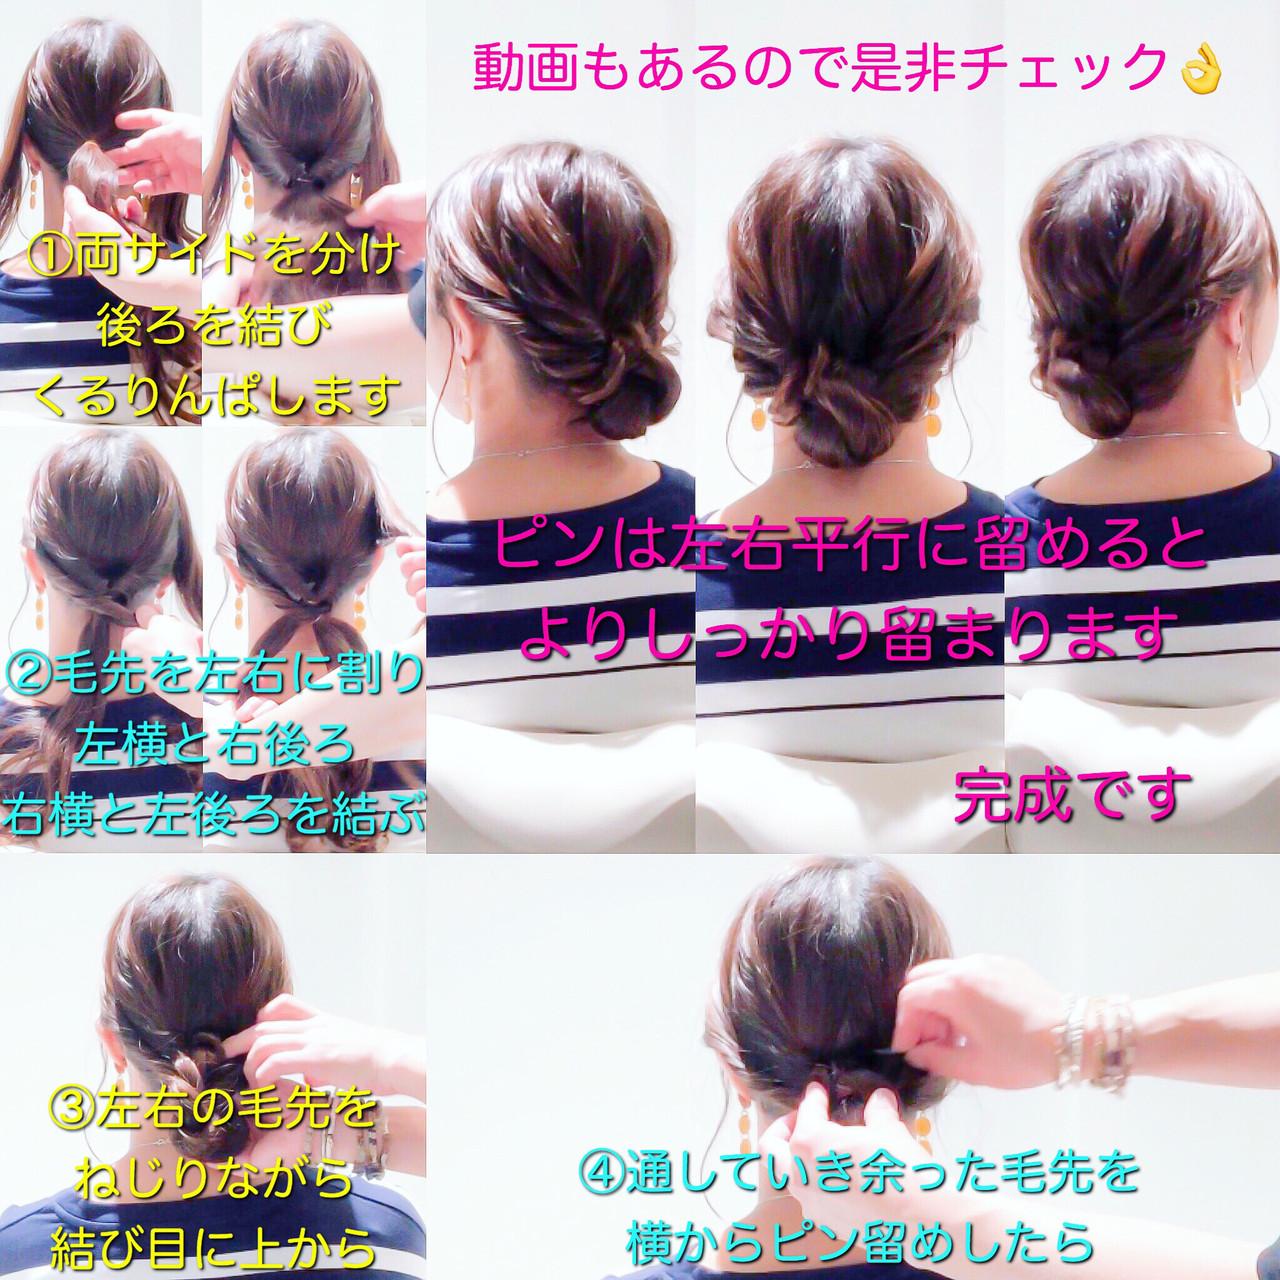 くるりんぱ アップスタイル ヘアアレンジ フェミニン ヘアスタイルや髪型の写真・画像 | 美容師HIRO/Amoute代表 / Amoute/アムティ